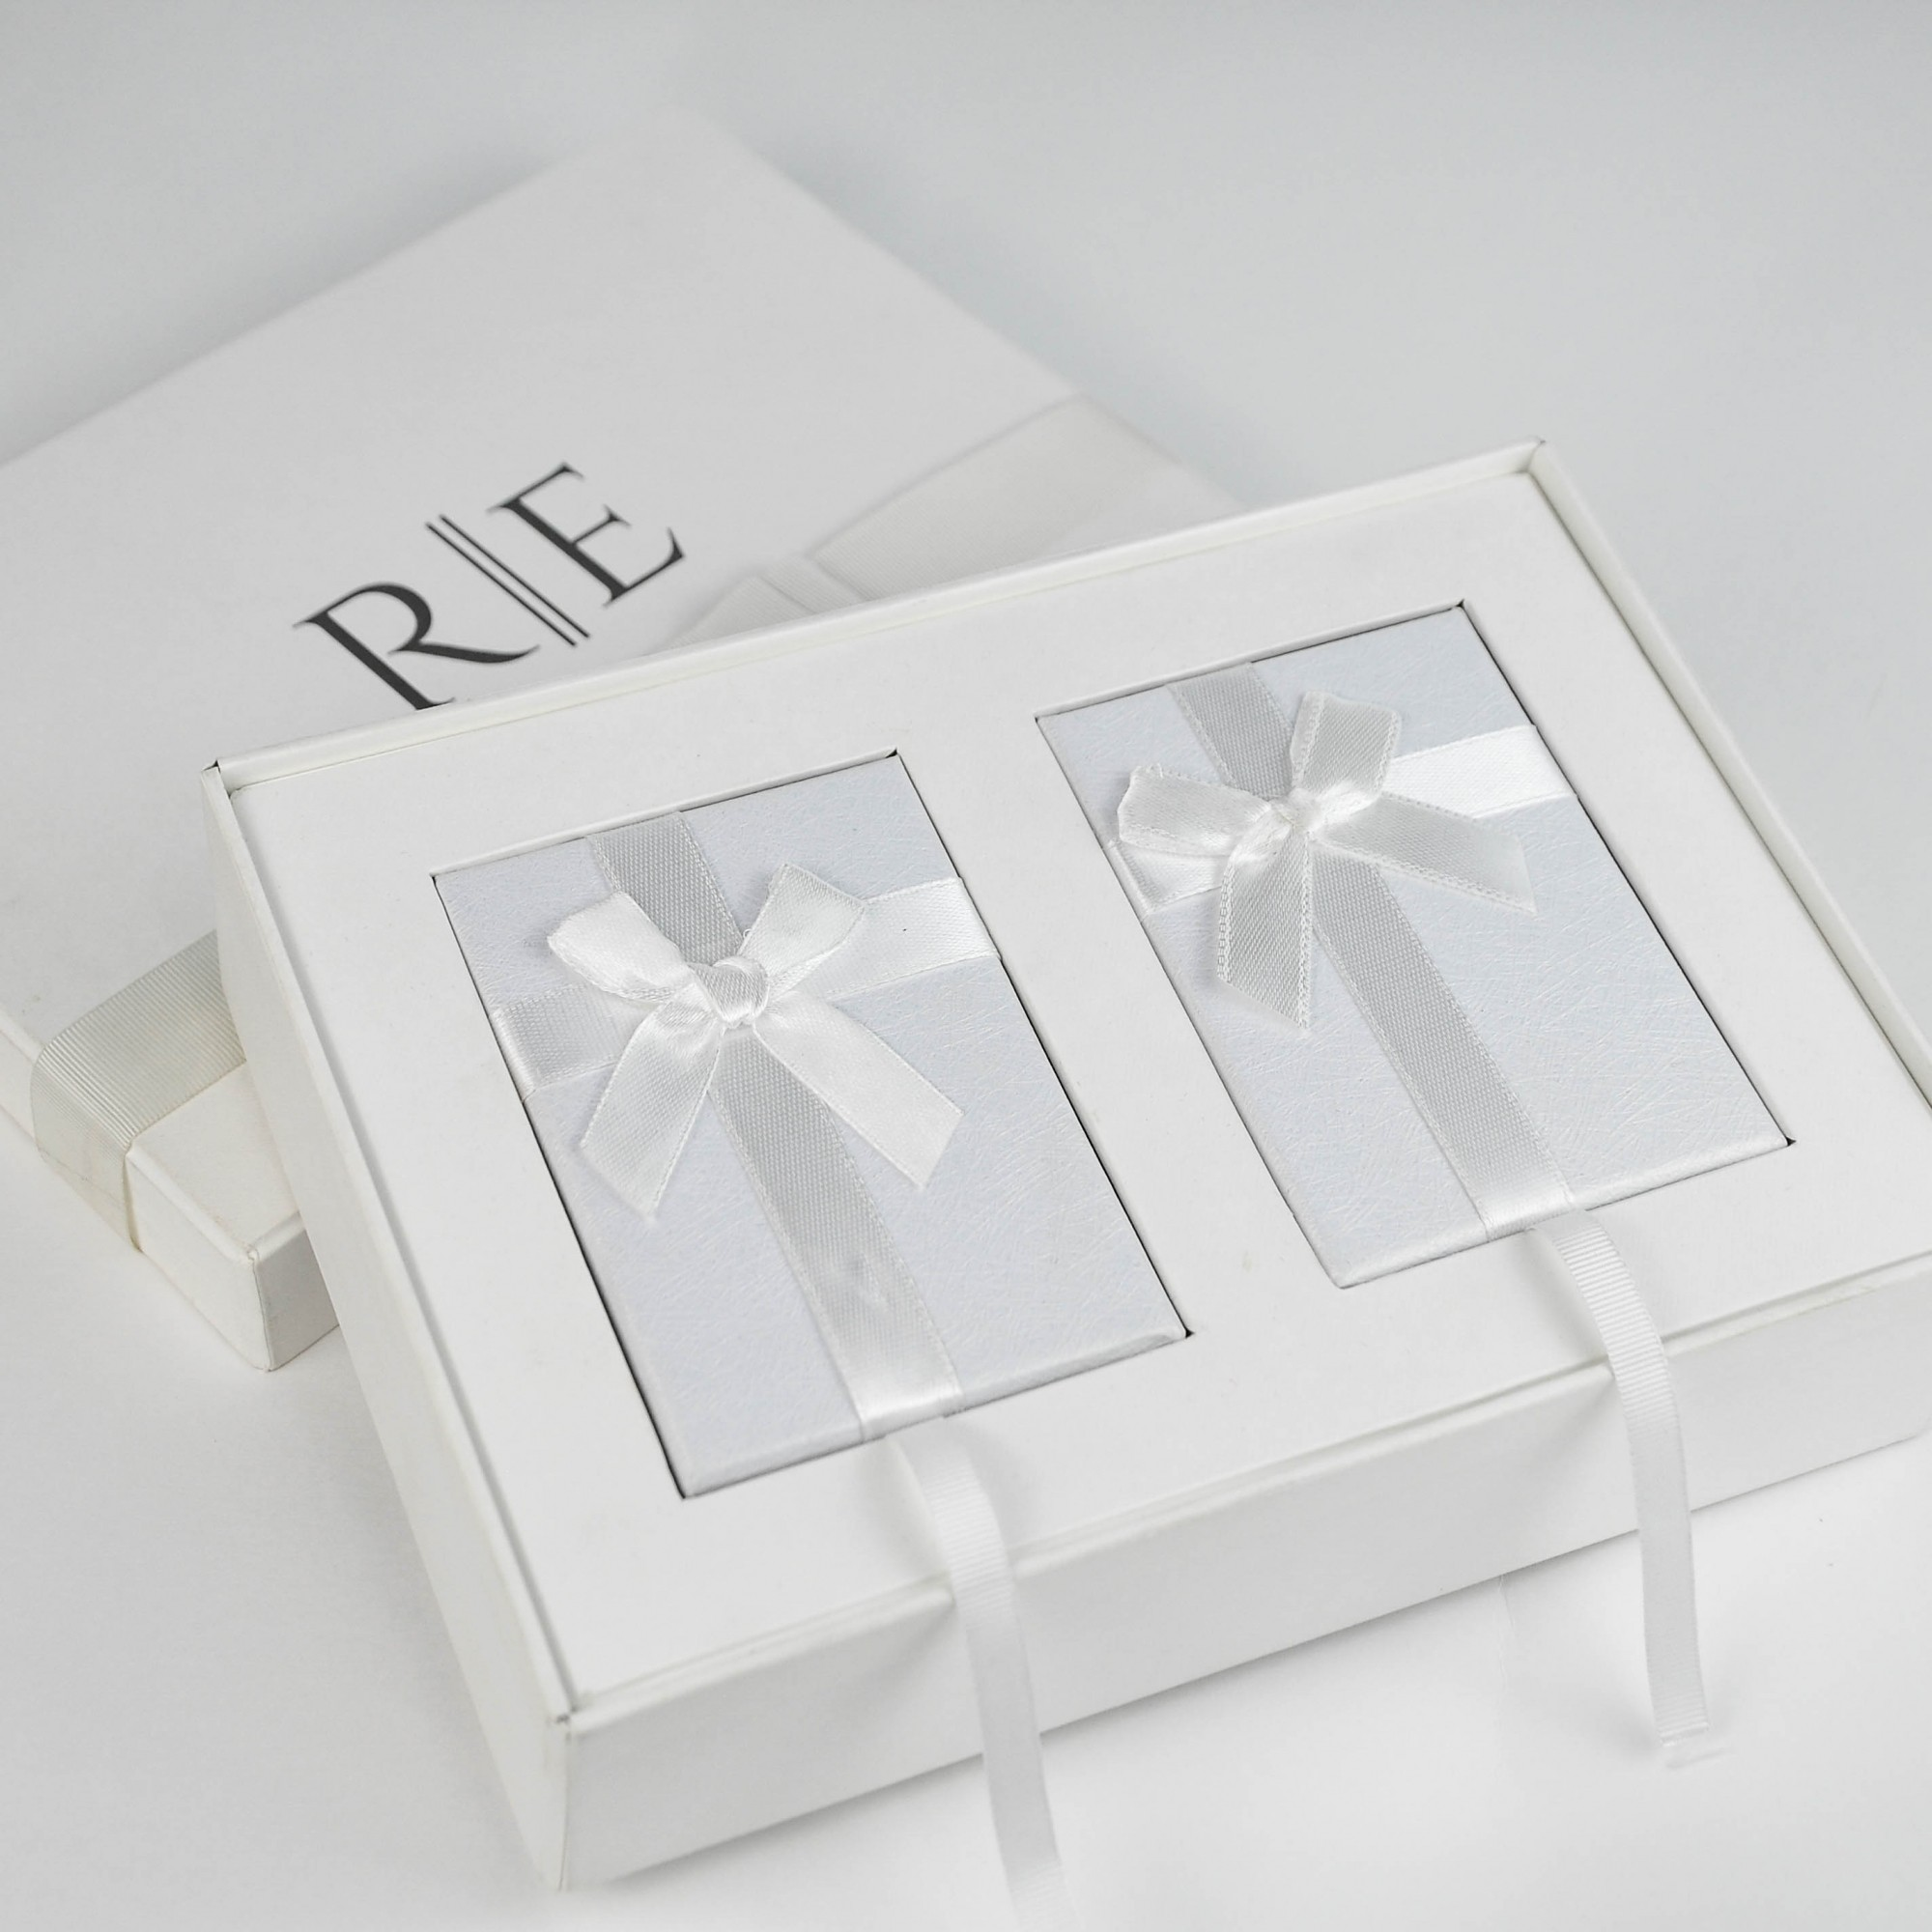 10 Kits Completos para Padrinhos, contendo (cada kit), Box Personalizada, 1 escapulário Masculino de Aço e 1 Feminino de Prata com banho de Ouro 18k